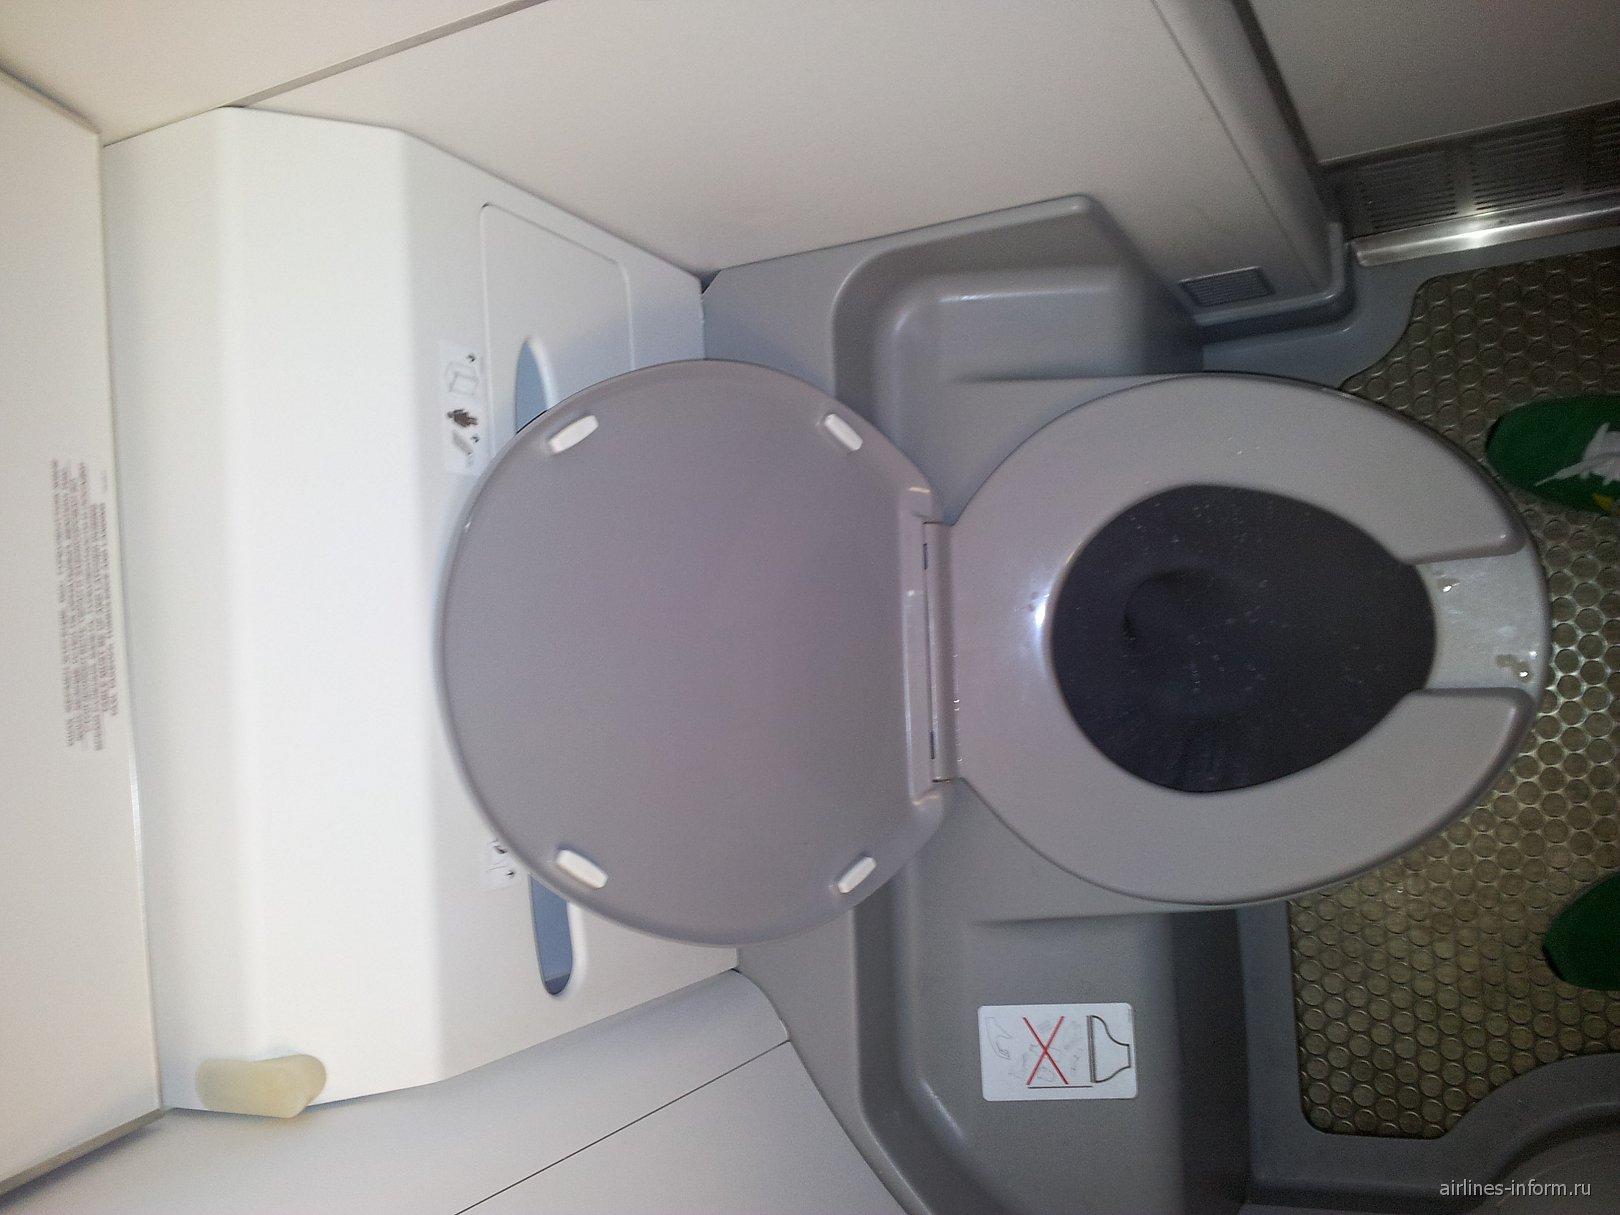 Туалет самолета Эмбраер-1900 авиакомпании Эйр Астана